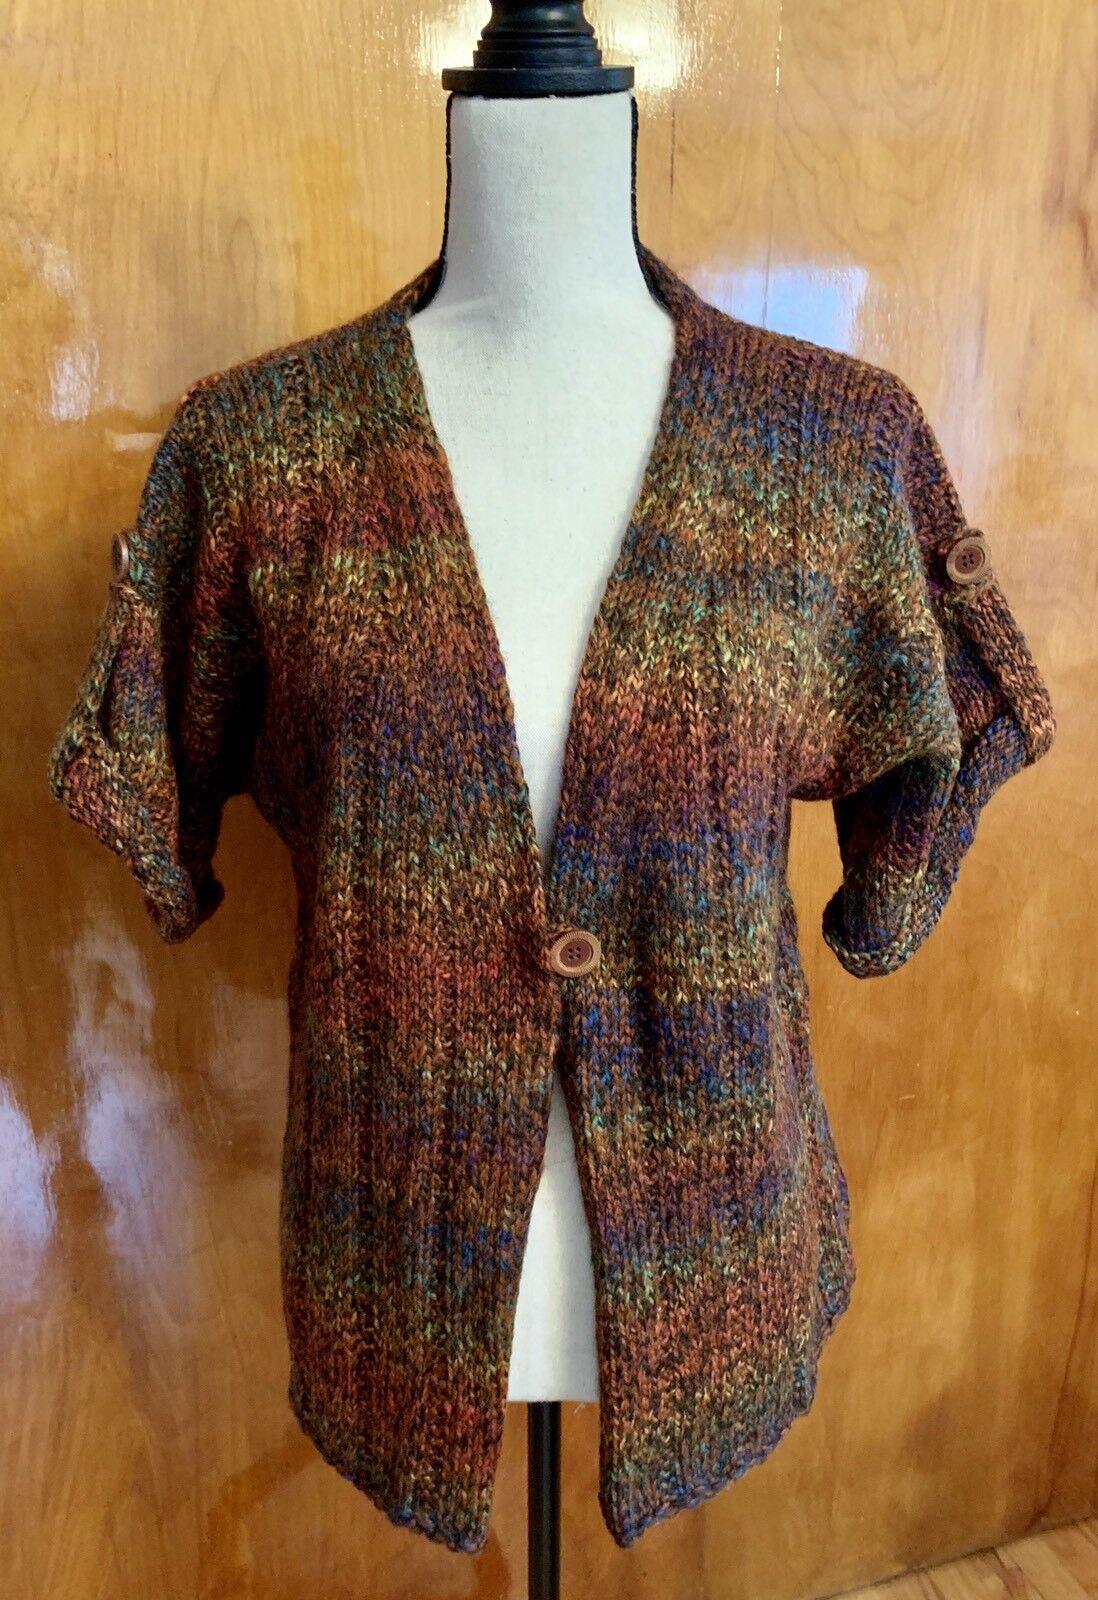 NWOT Handknit Woman's Wool Blend Cardigan Vest Size M L